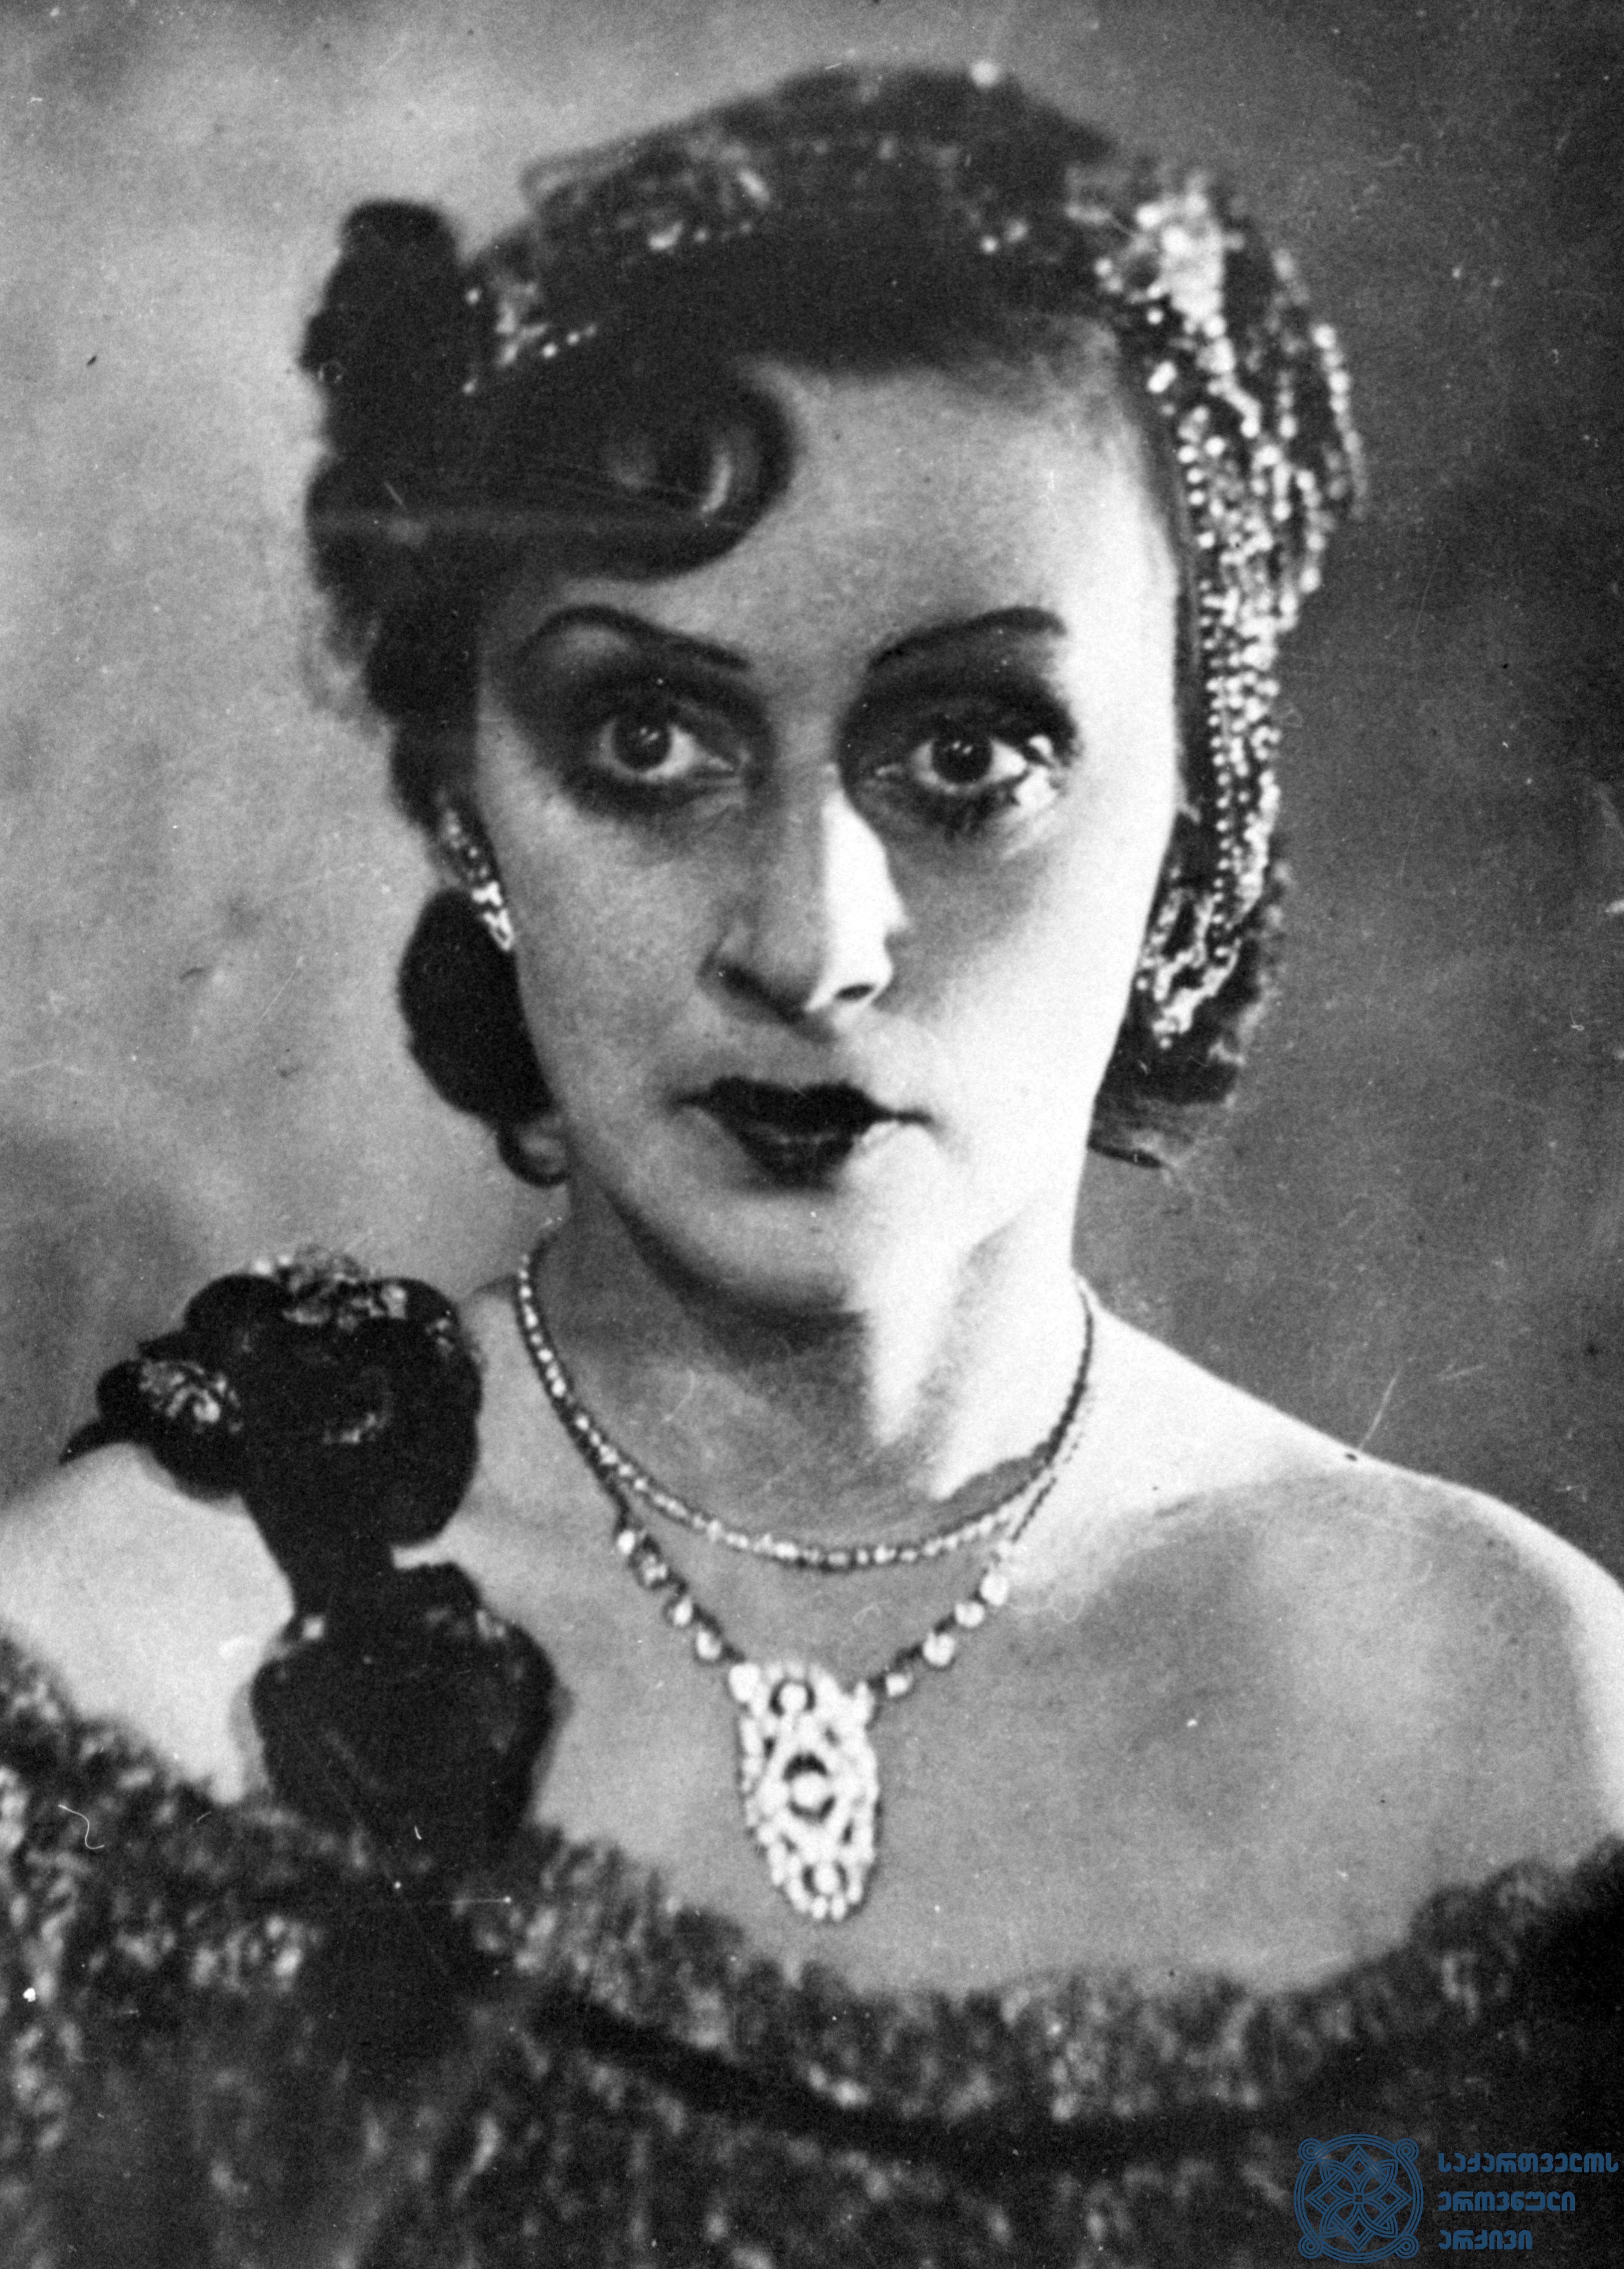 """მარჯანიშვილის სახელობის აკადემიური თეატრის სპექტაკლი """"მარგარიტა გოტიე"""". მარგარიტა – ვერიკო ანჯაფარიძე. <br> 1940 წელი. <br> The Marjanishvili Academic Theater performance """"Margarita Gauthier"""". Veriko Anjaparidze as Margarita. <br> 1940."""